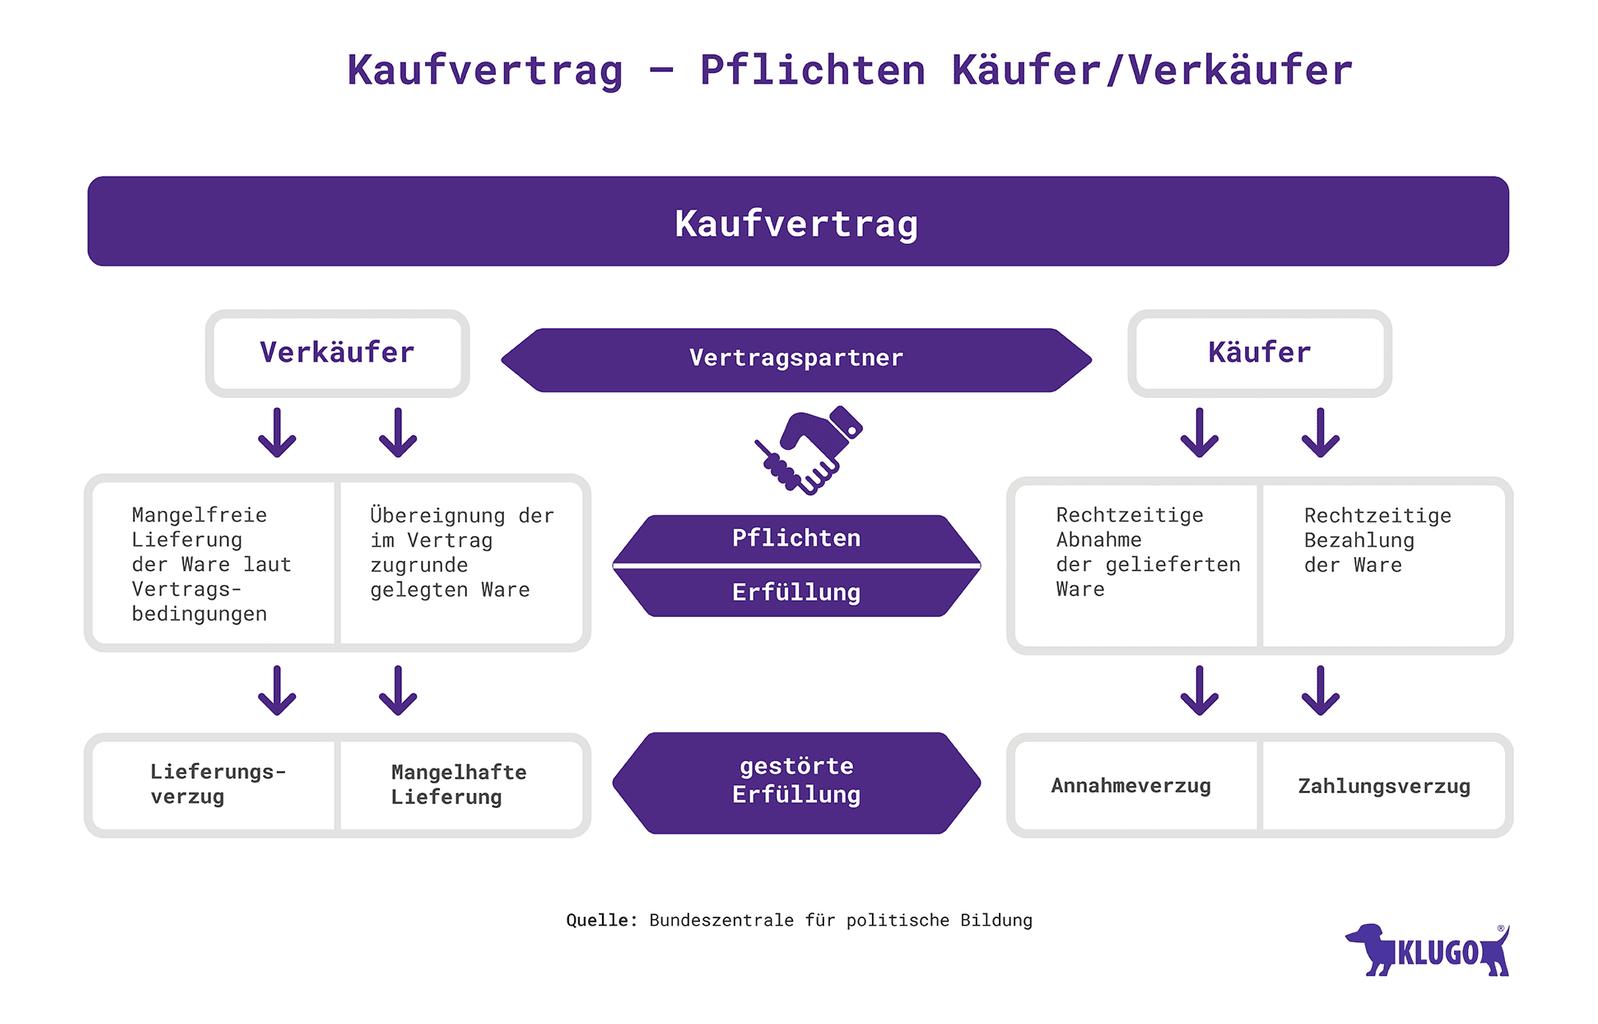 Pflichten Käufer/ Verkäufer  – Infografik